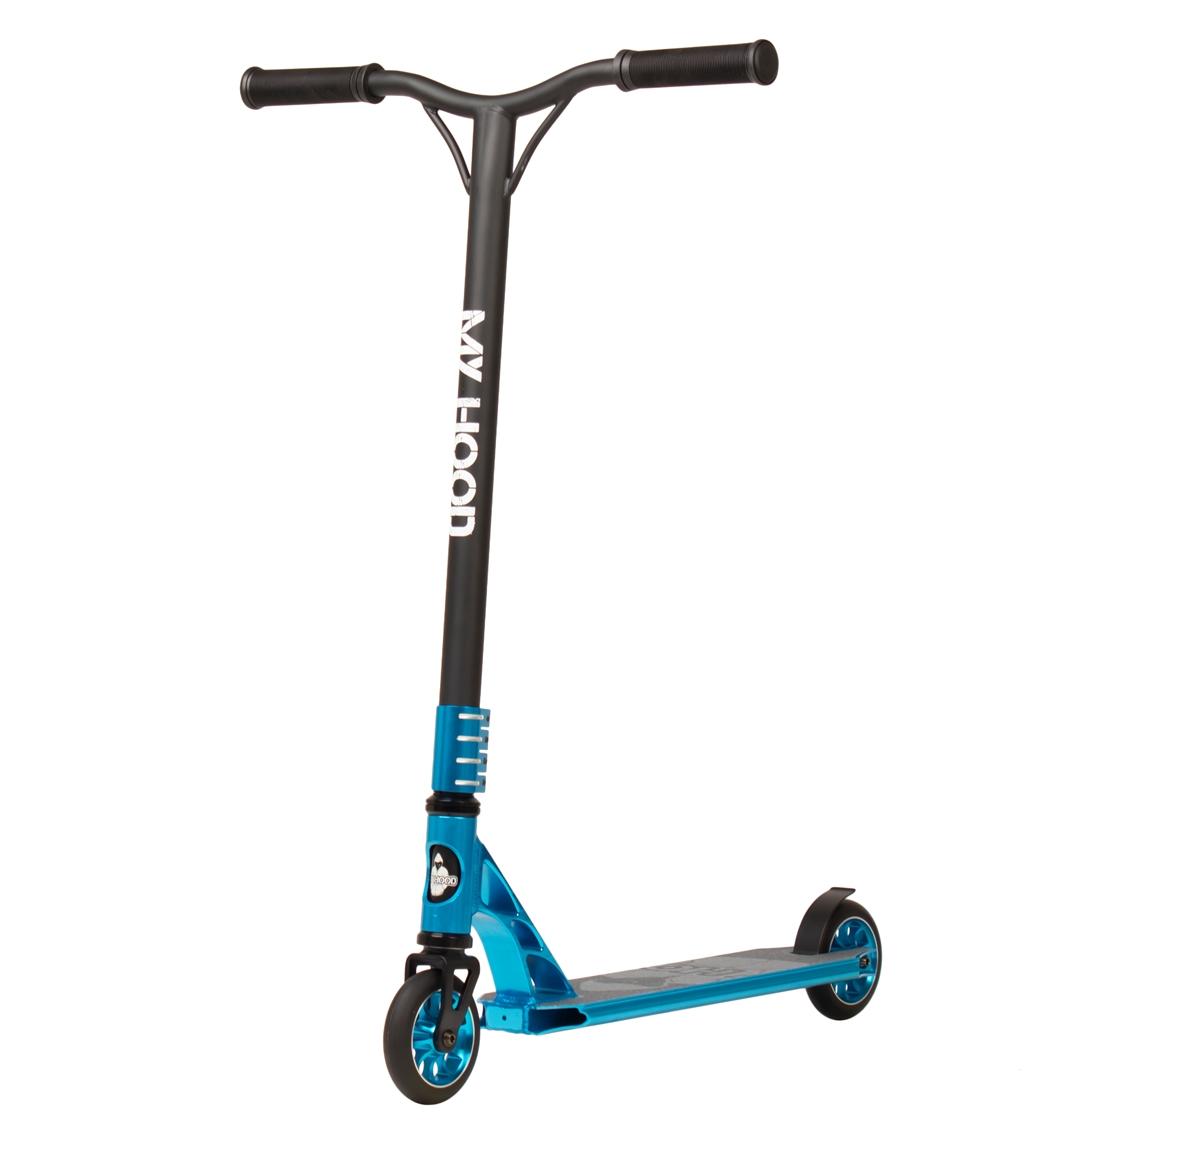 Billede af My Hood - Trick Løbehjul HX10 - Blå